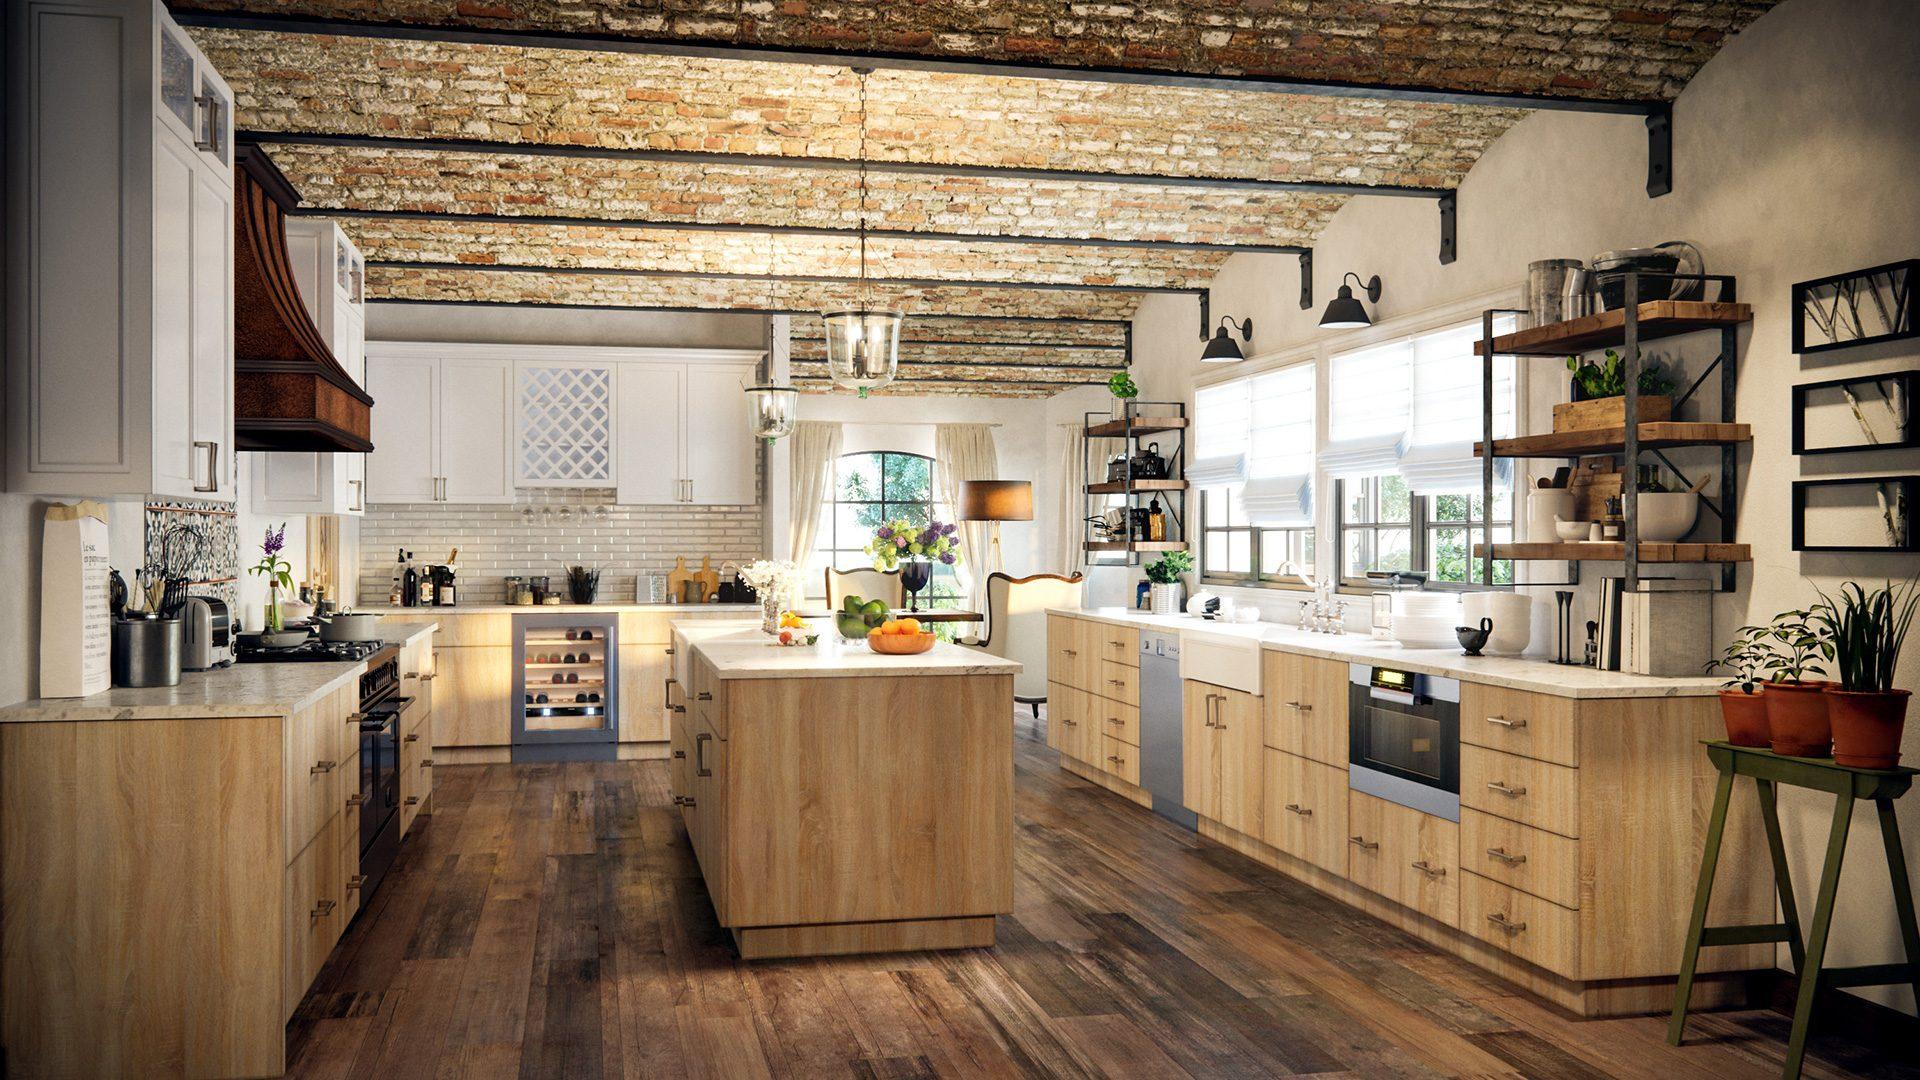 Benefits of a U-shaped kitchen